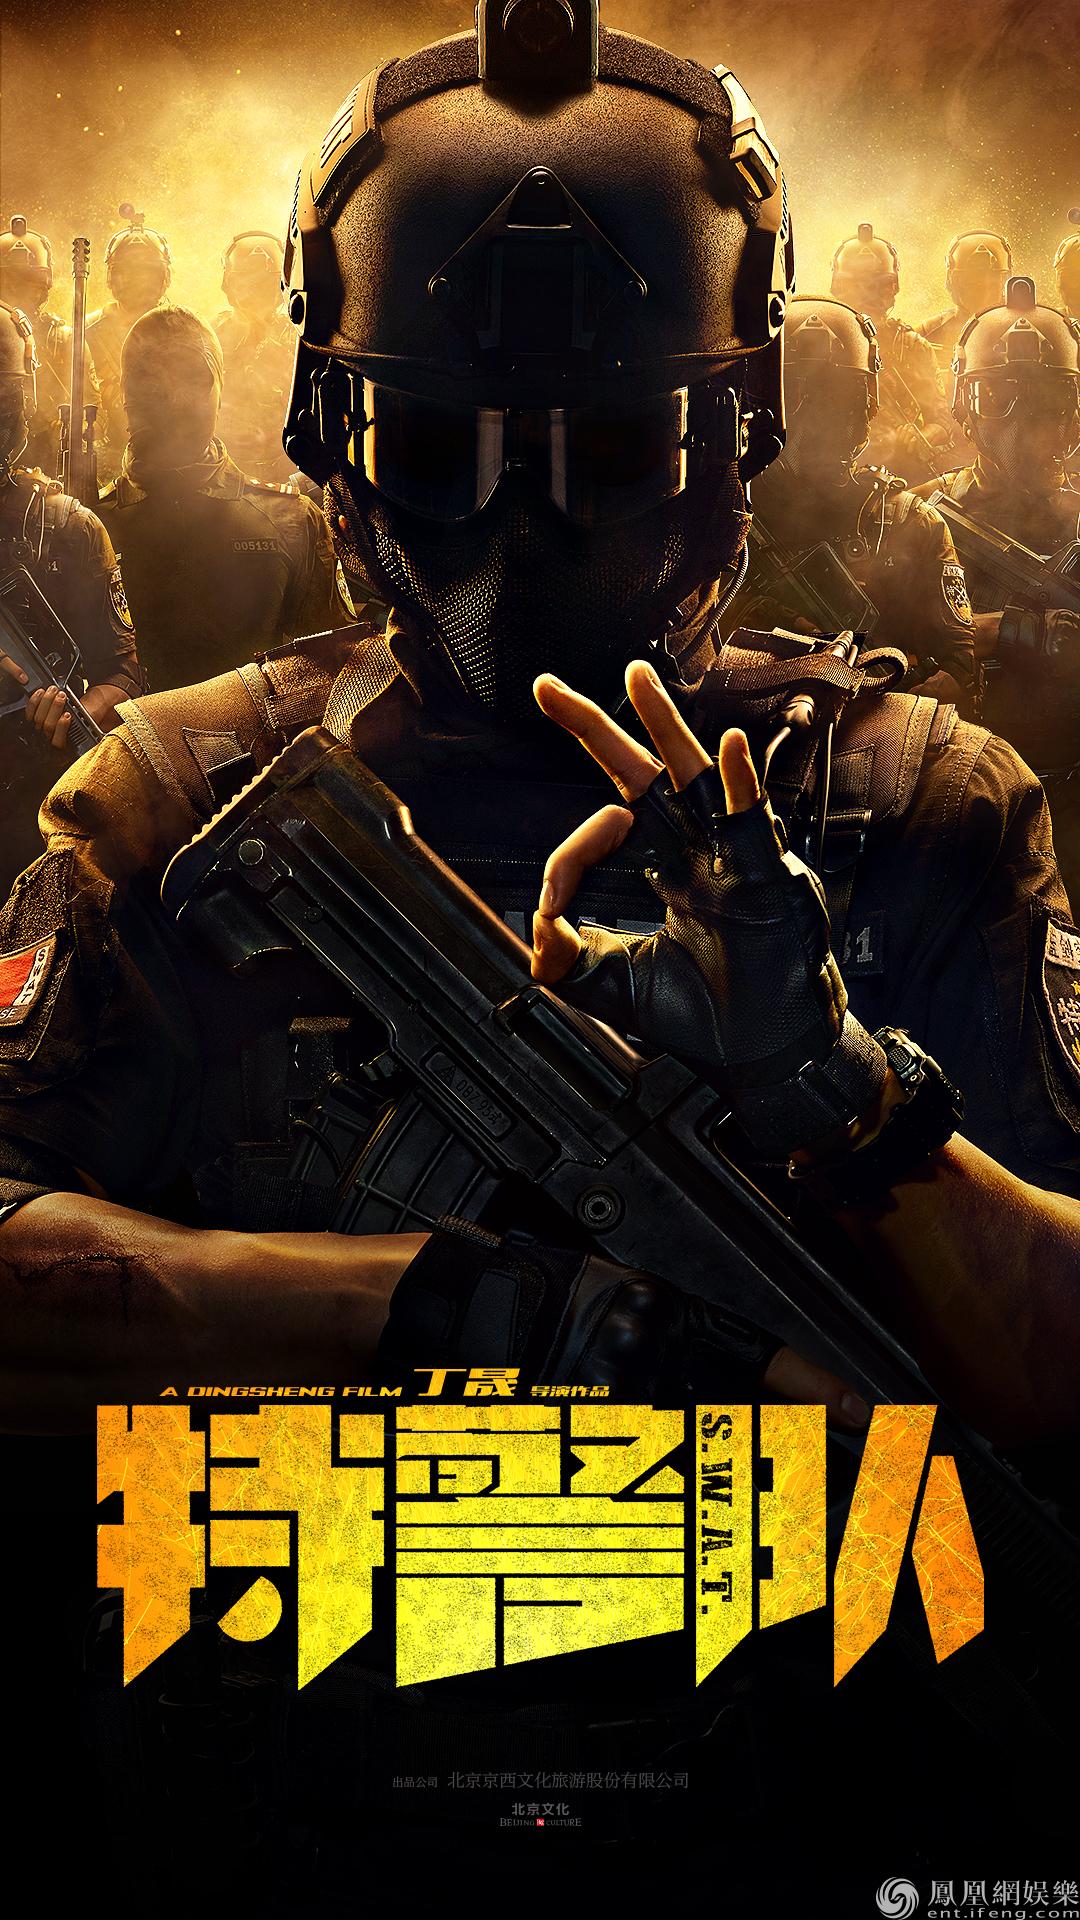 电影《特警队》杀青 海报特辑双发特警英雄震撼来袭